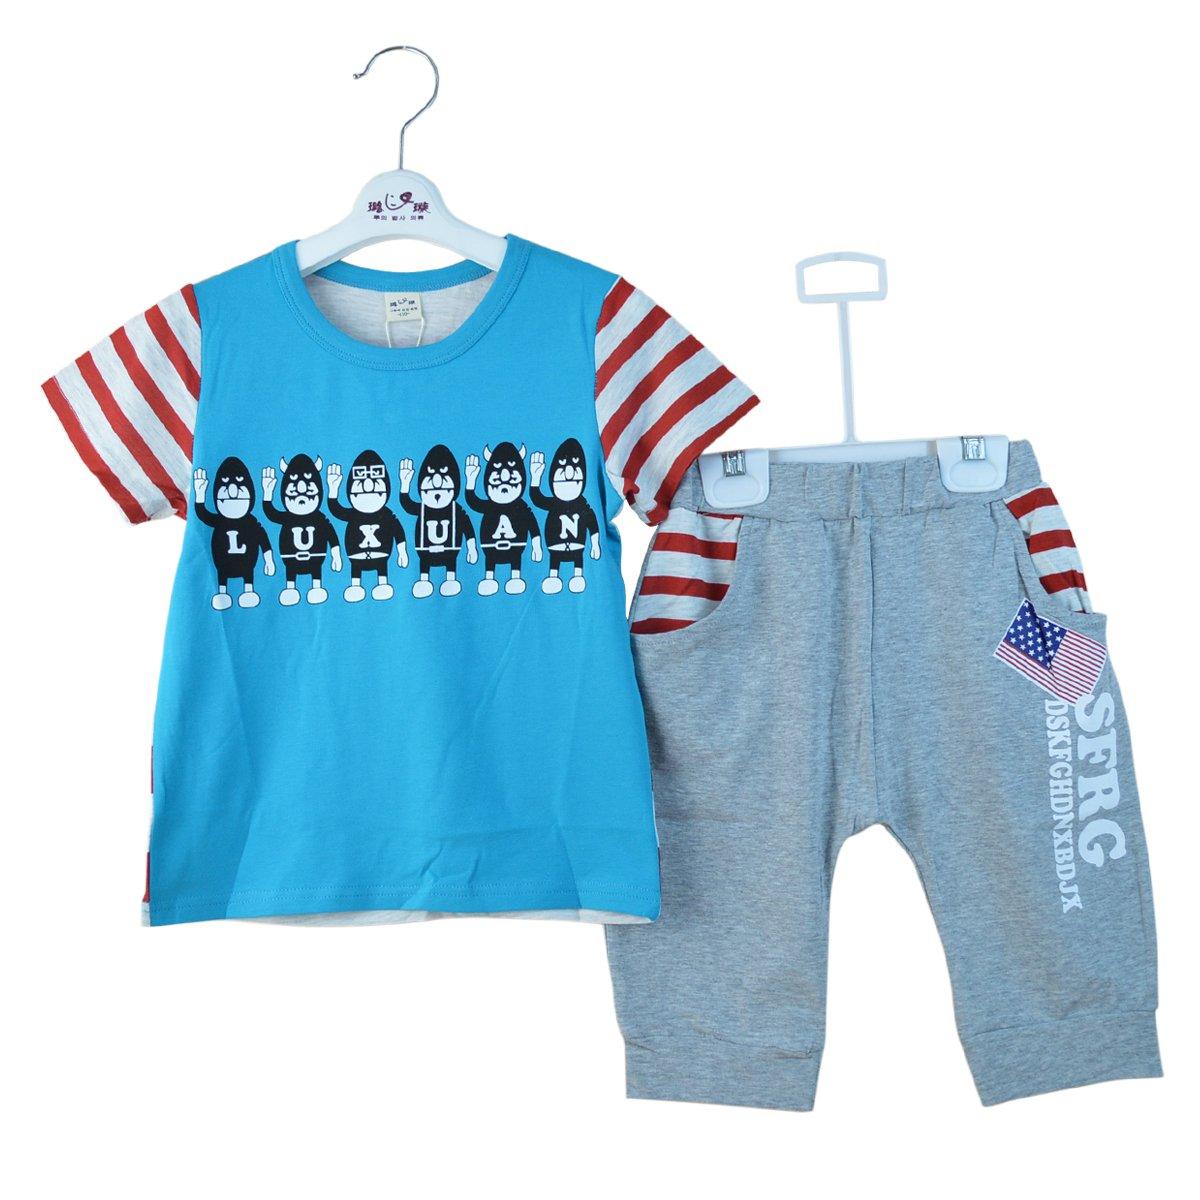 璐璇 夏款小伙伴系列14511016男款宝宝t恤套装 蓝色 120